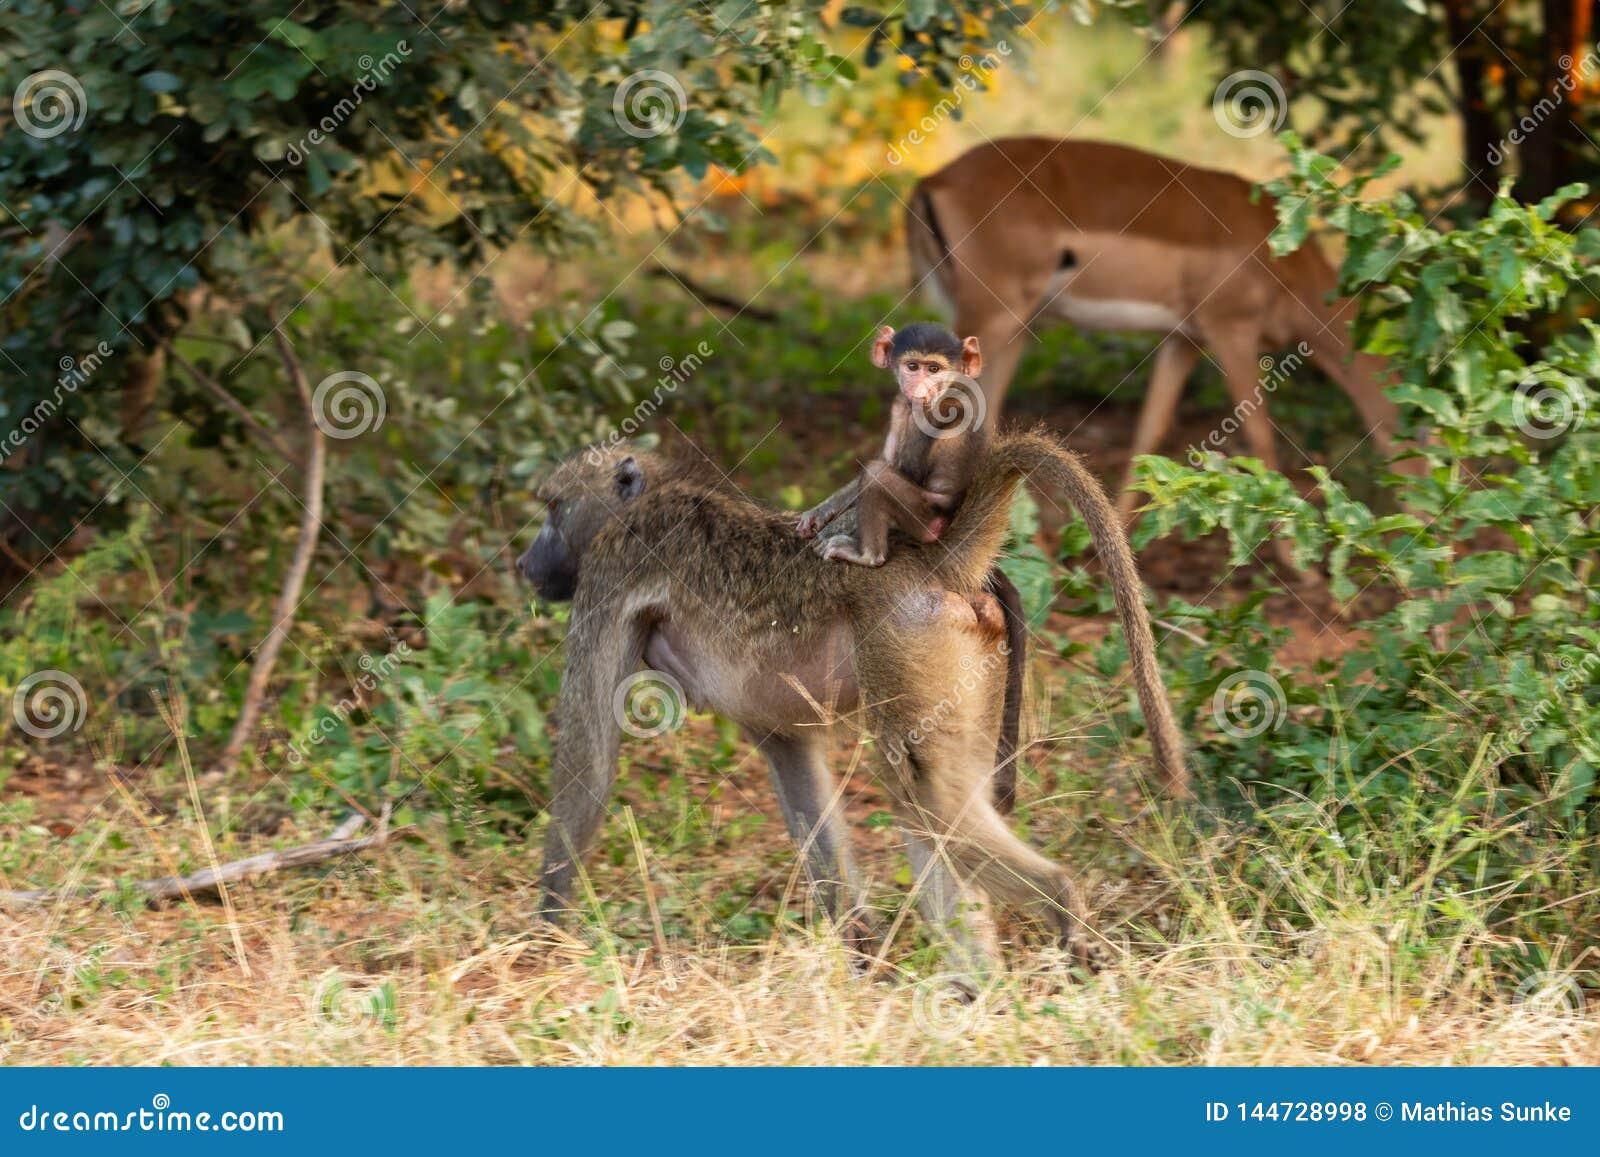 Babouin de bébé rinding le dos de sa maman